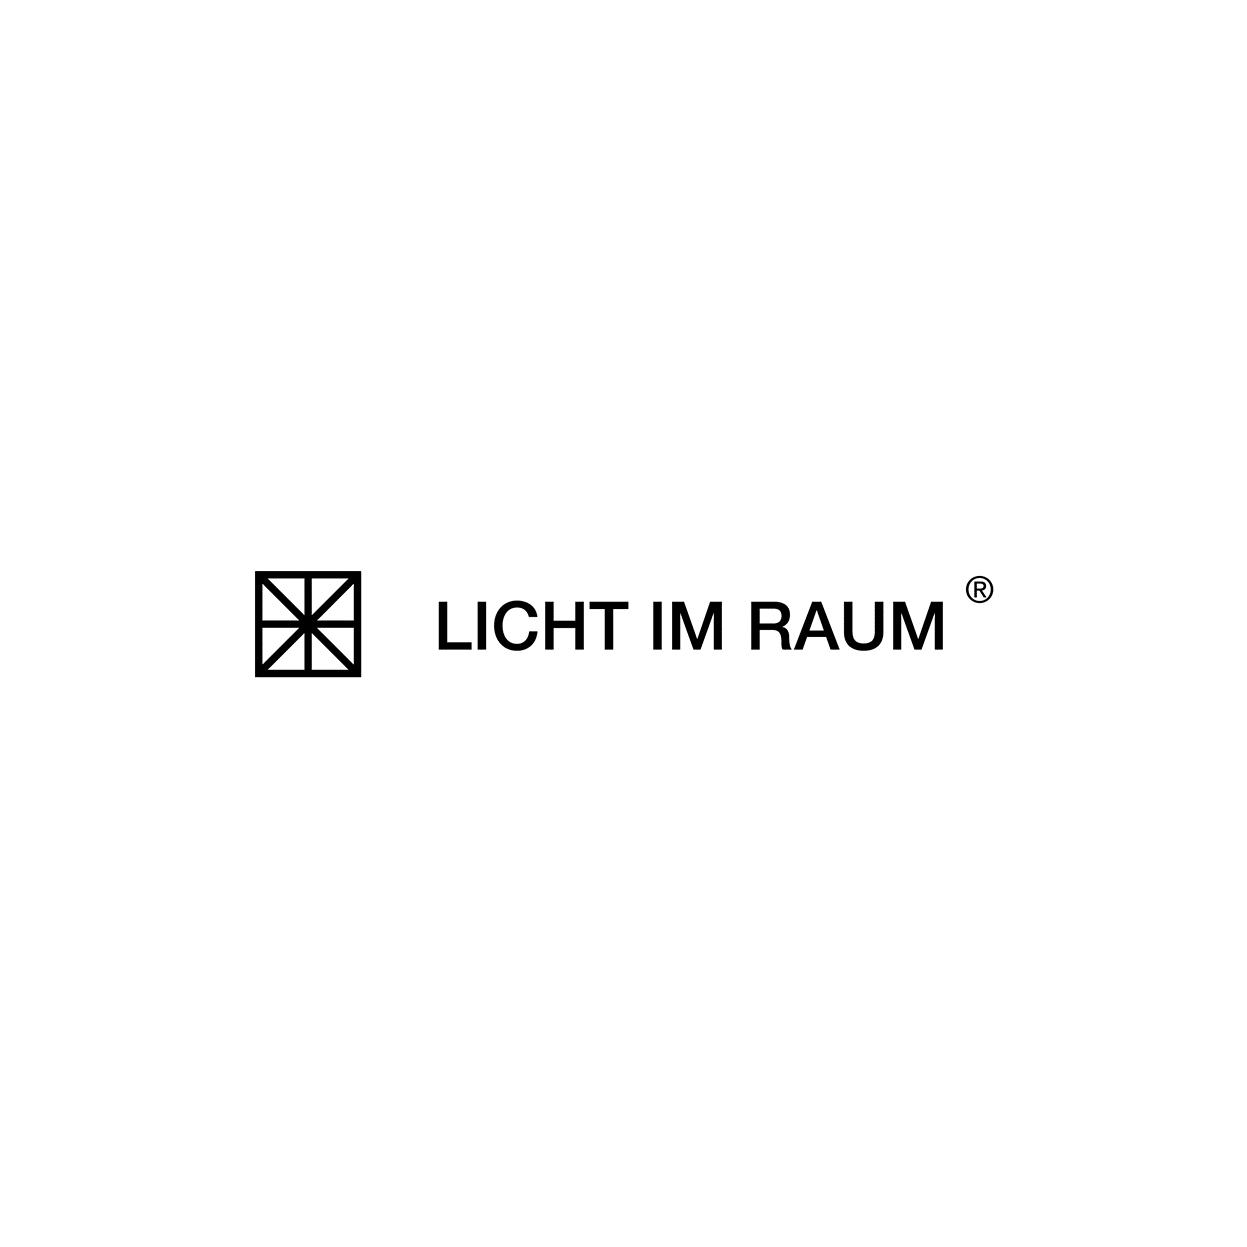 Licht im Raum - Objekte Licht & Raum GmbH in Hamburg